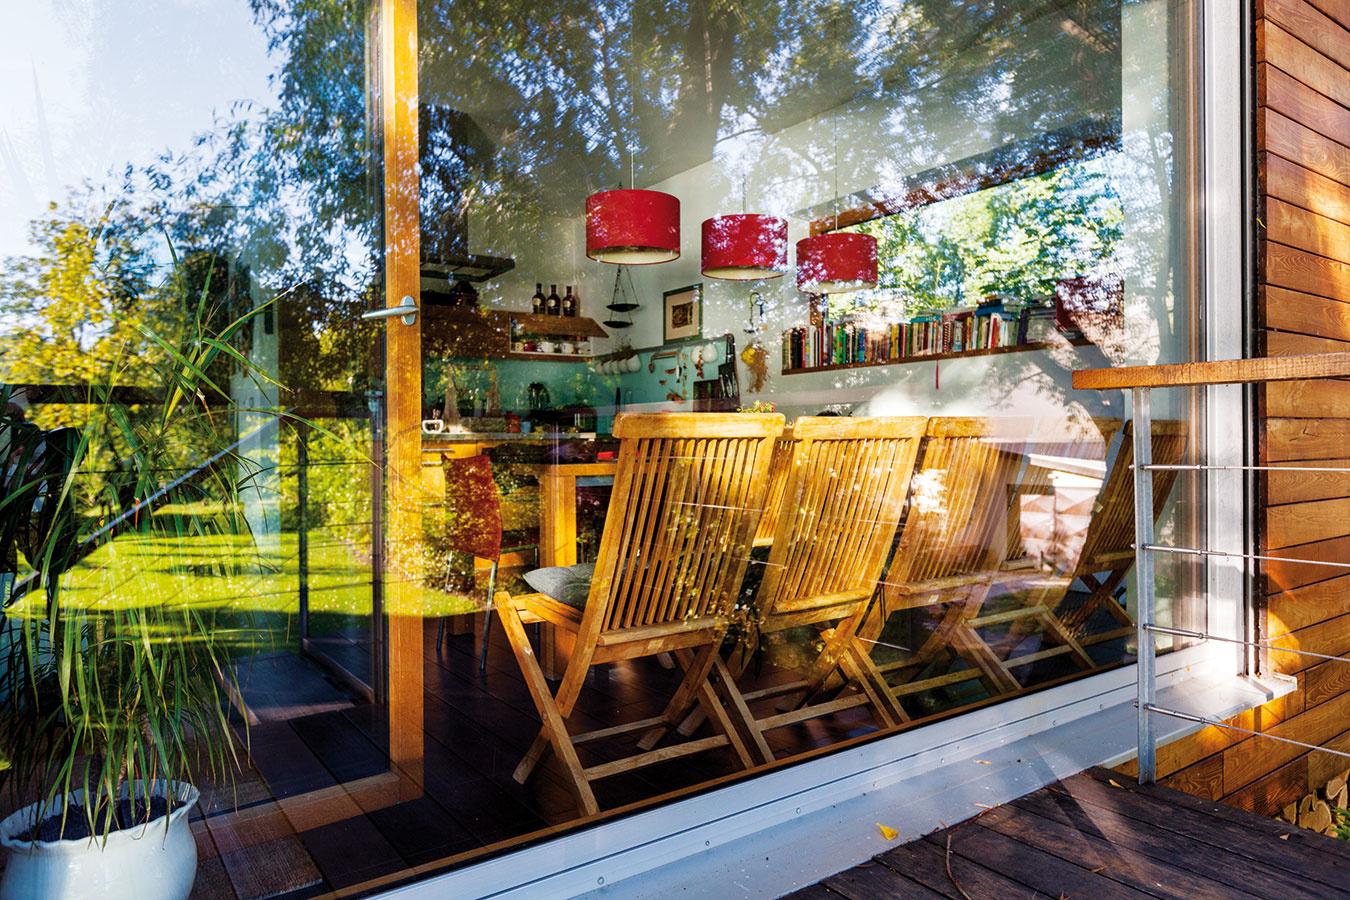 SKLENENÁ STENA opticky neruší: vonkajšie sedenie na celodrevenej terase sa takto prepojilo spriestorom obývačky, jedálne akuchyne.